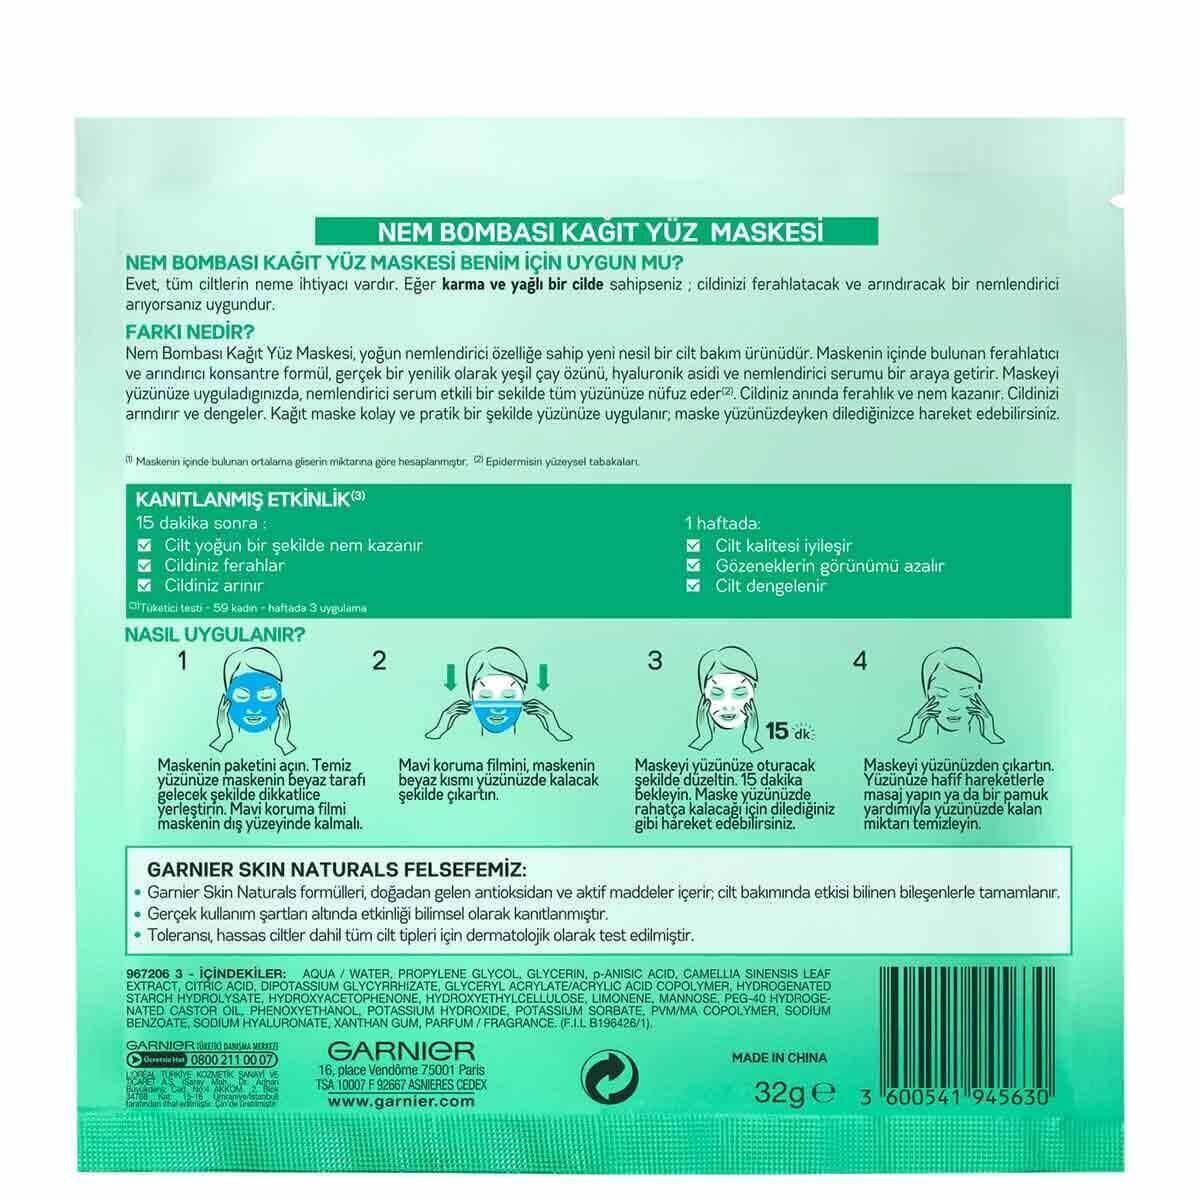 Nem Bombası Ferahlatıcı Kağıt Maske 32 gr